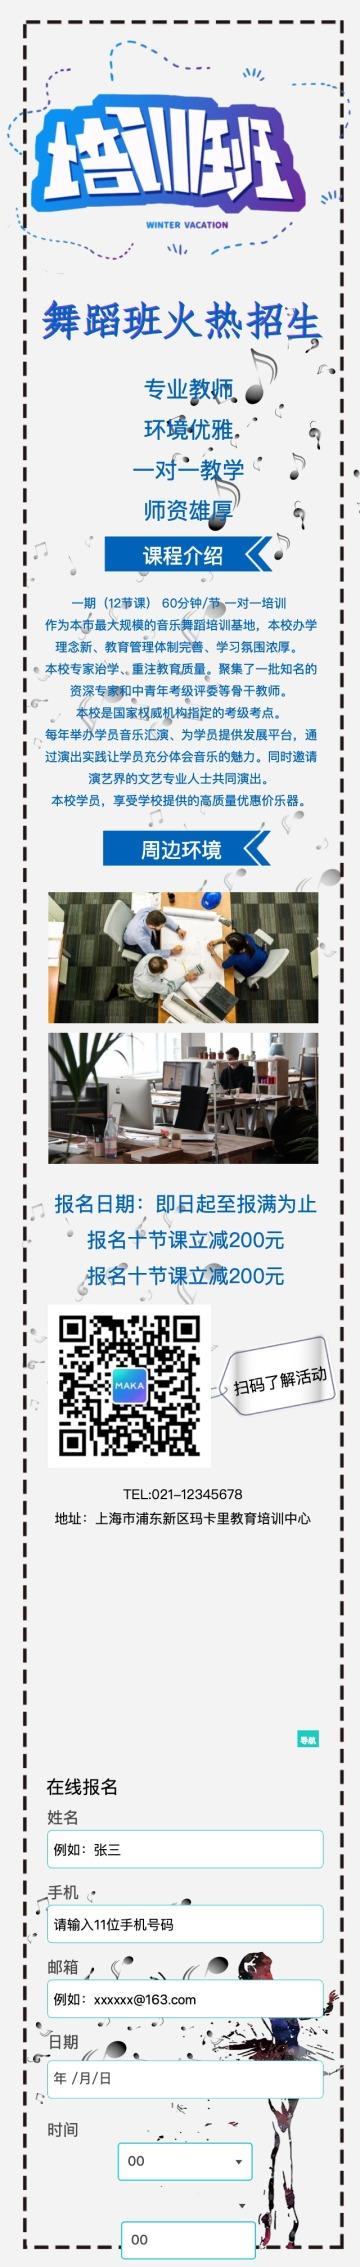 简约清新舞蹈招生培训单页宣传活动推广